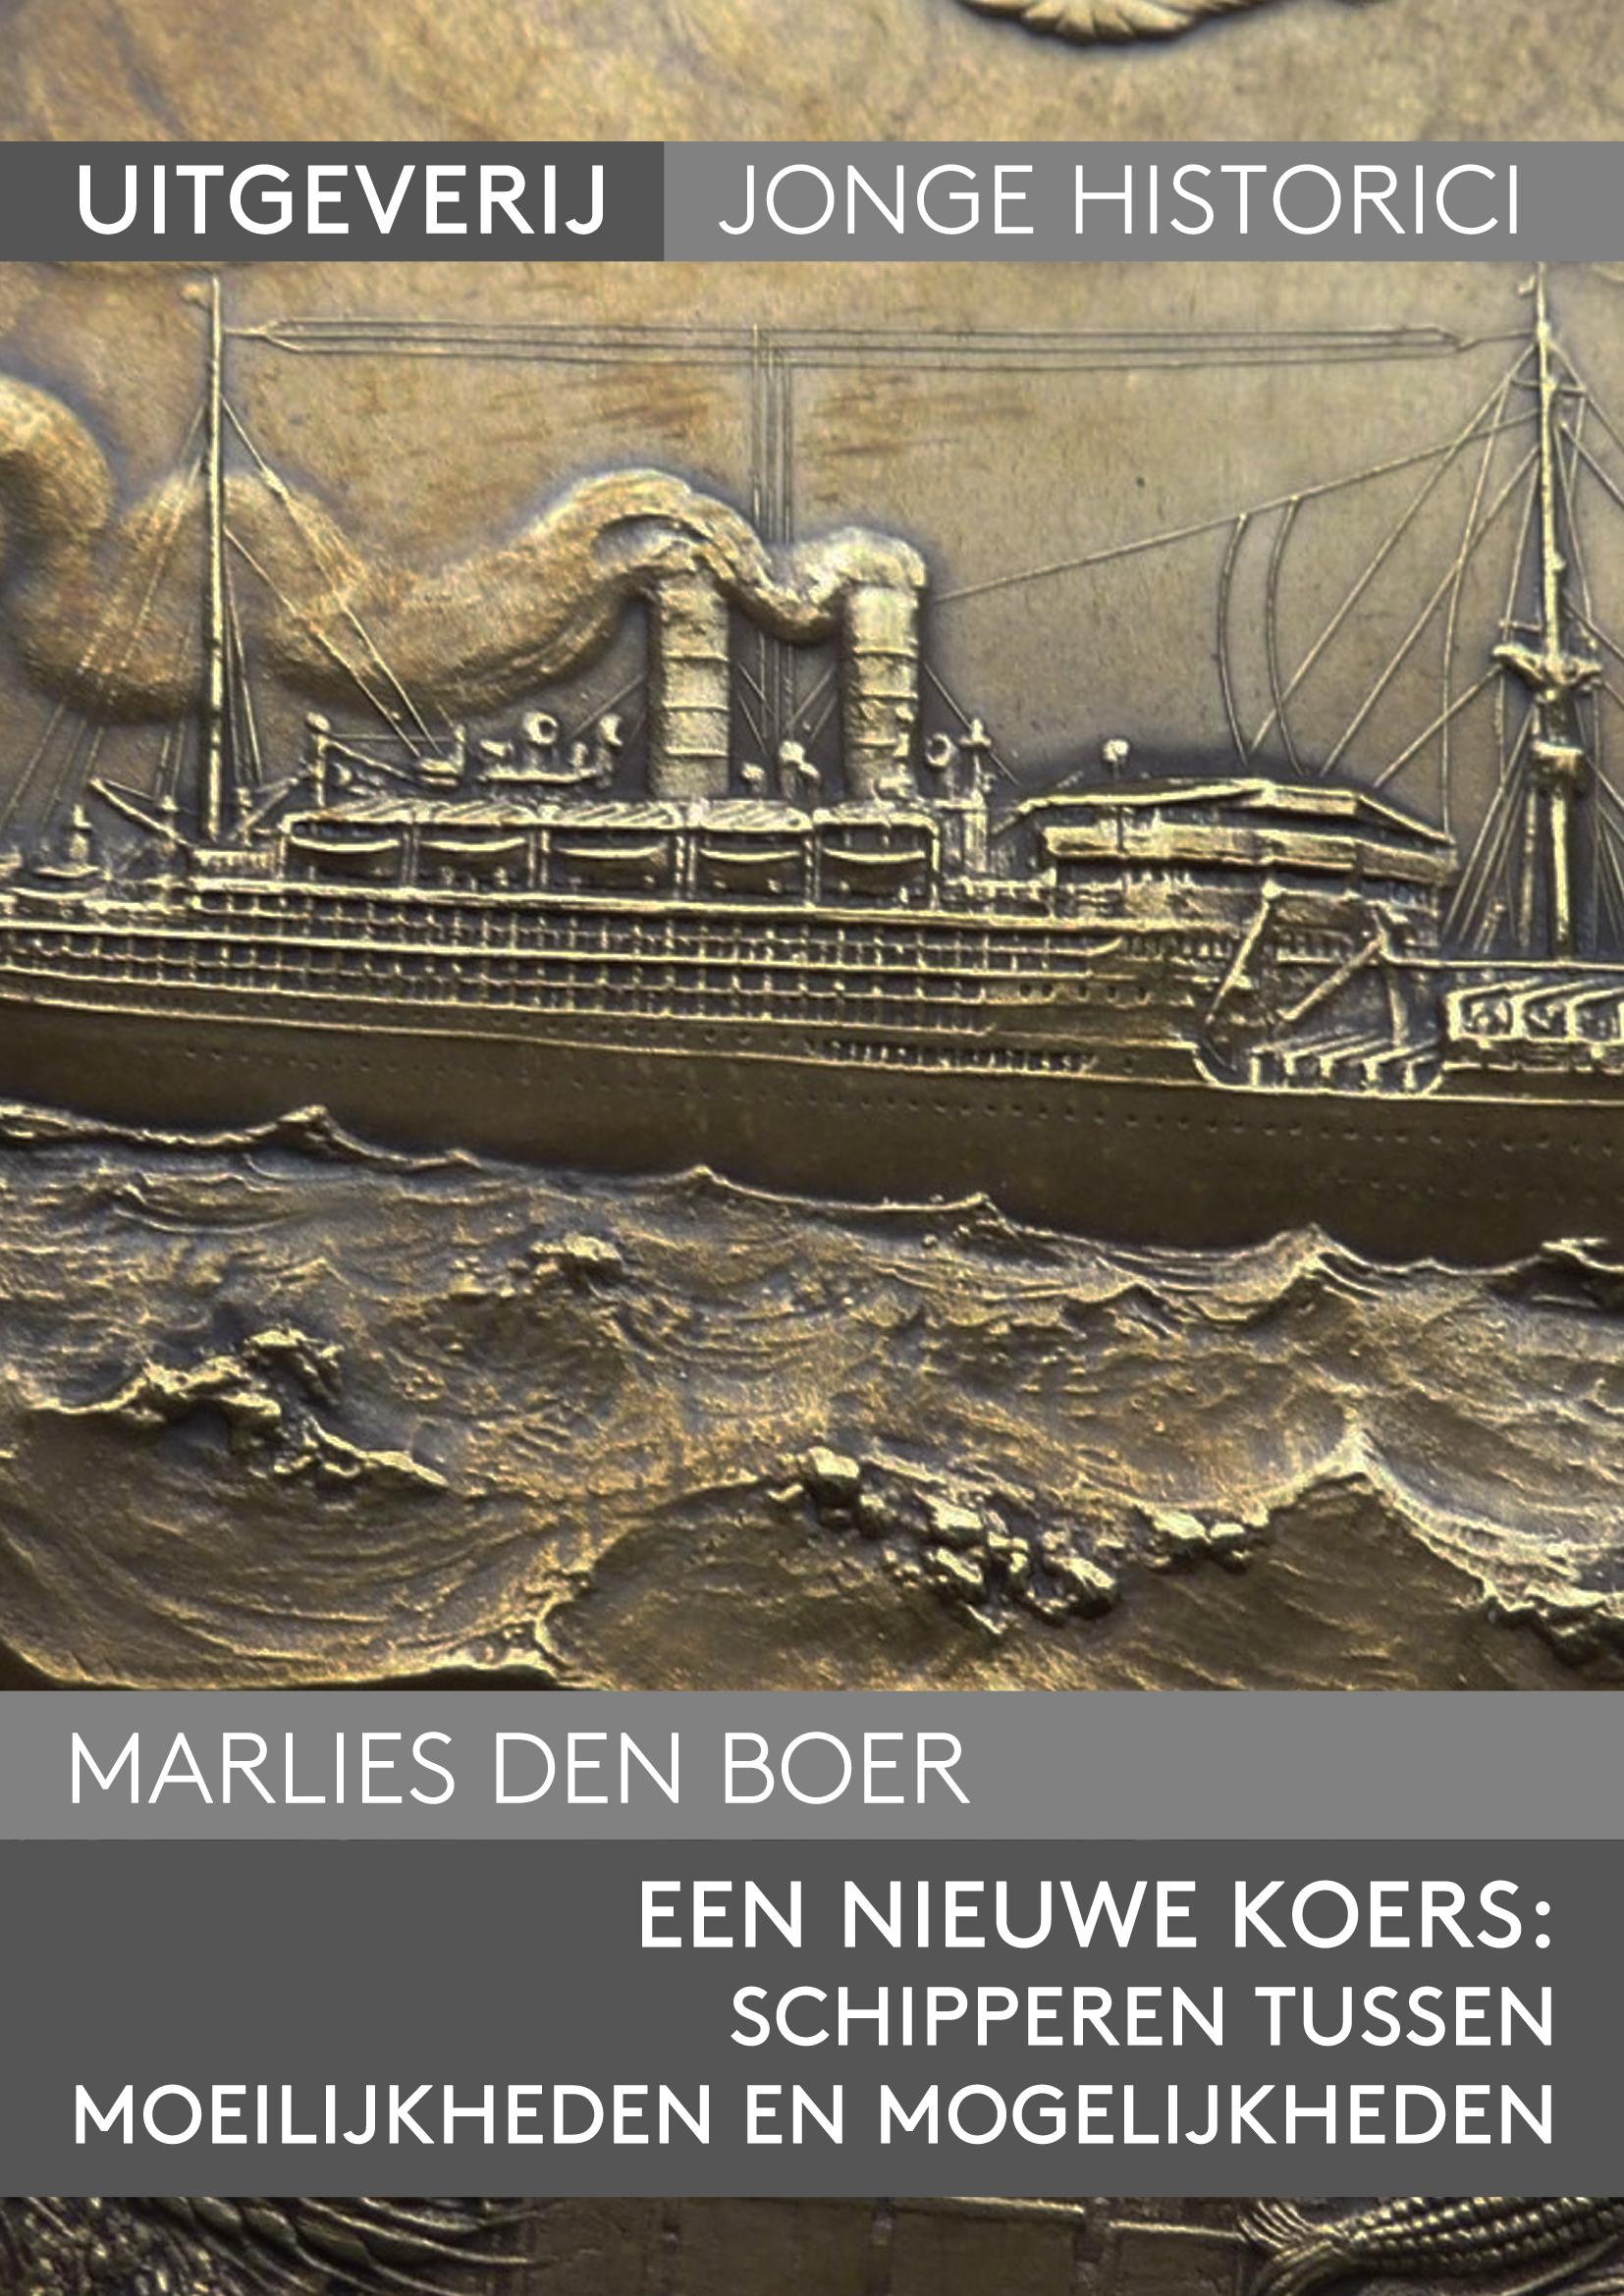 Marlies den Boer, Een nieuwe koers: schipperen tussen moeilijkheden en mogelijkheden. De Stoomvaart Maatschappij Nederland in de Eerste Wereldoorlog 1914-1918